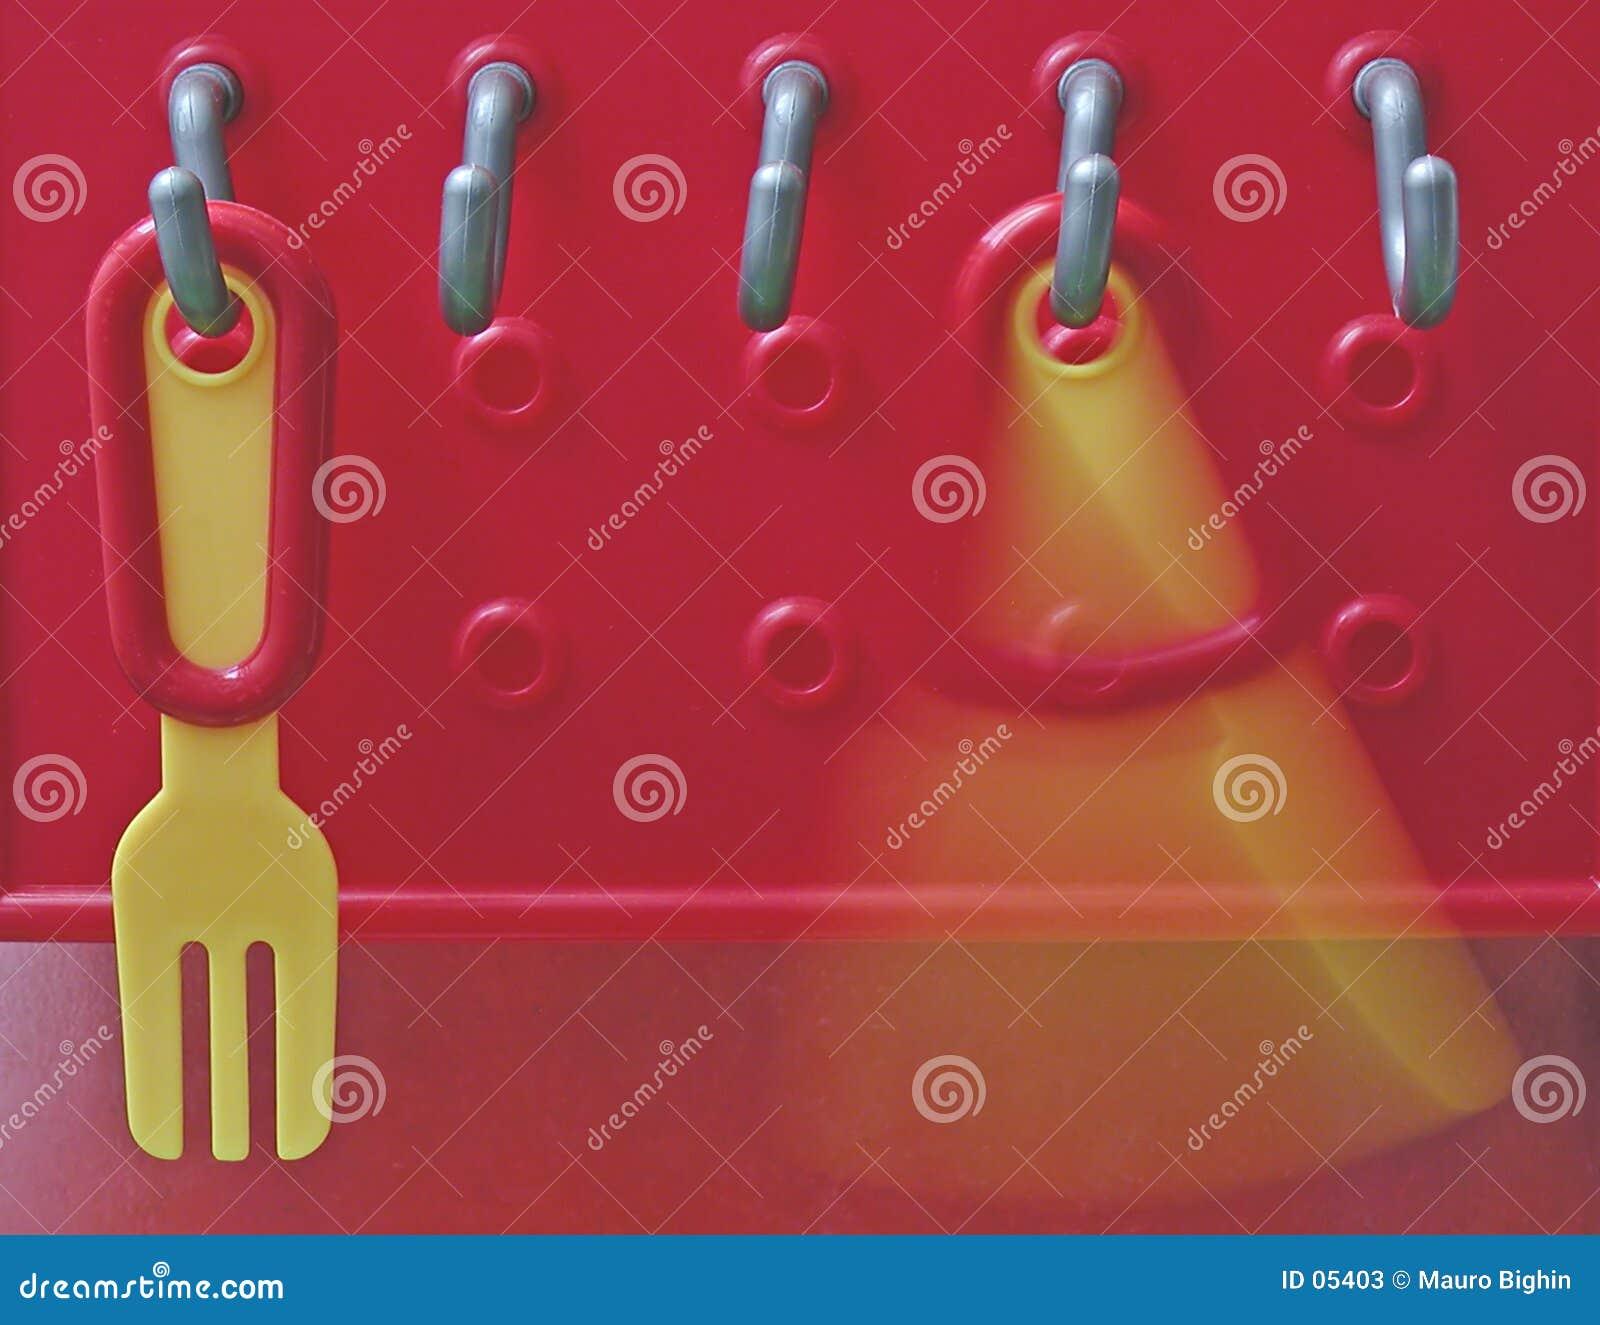 叉子刀子塑料